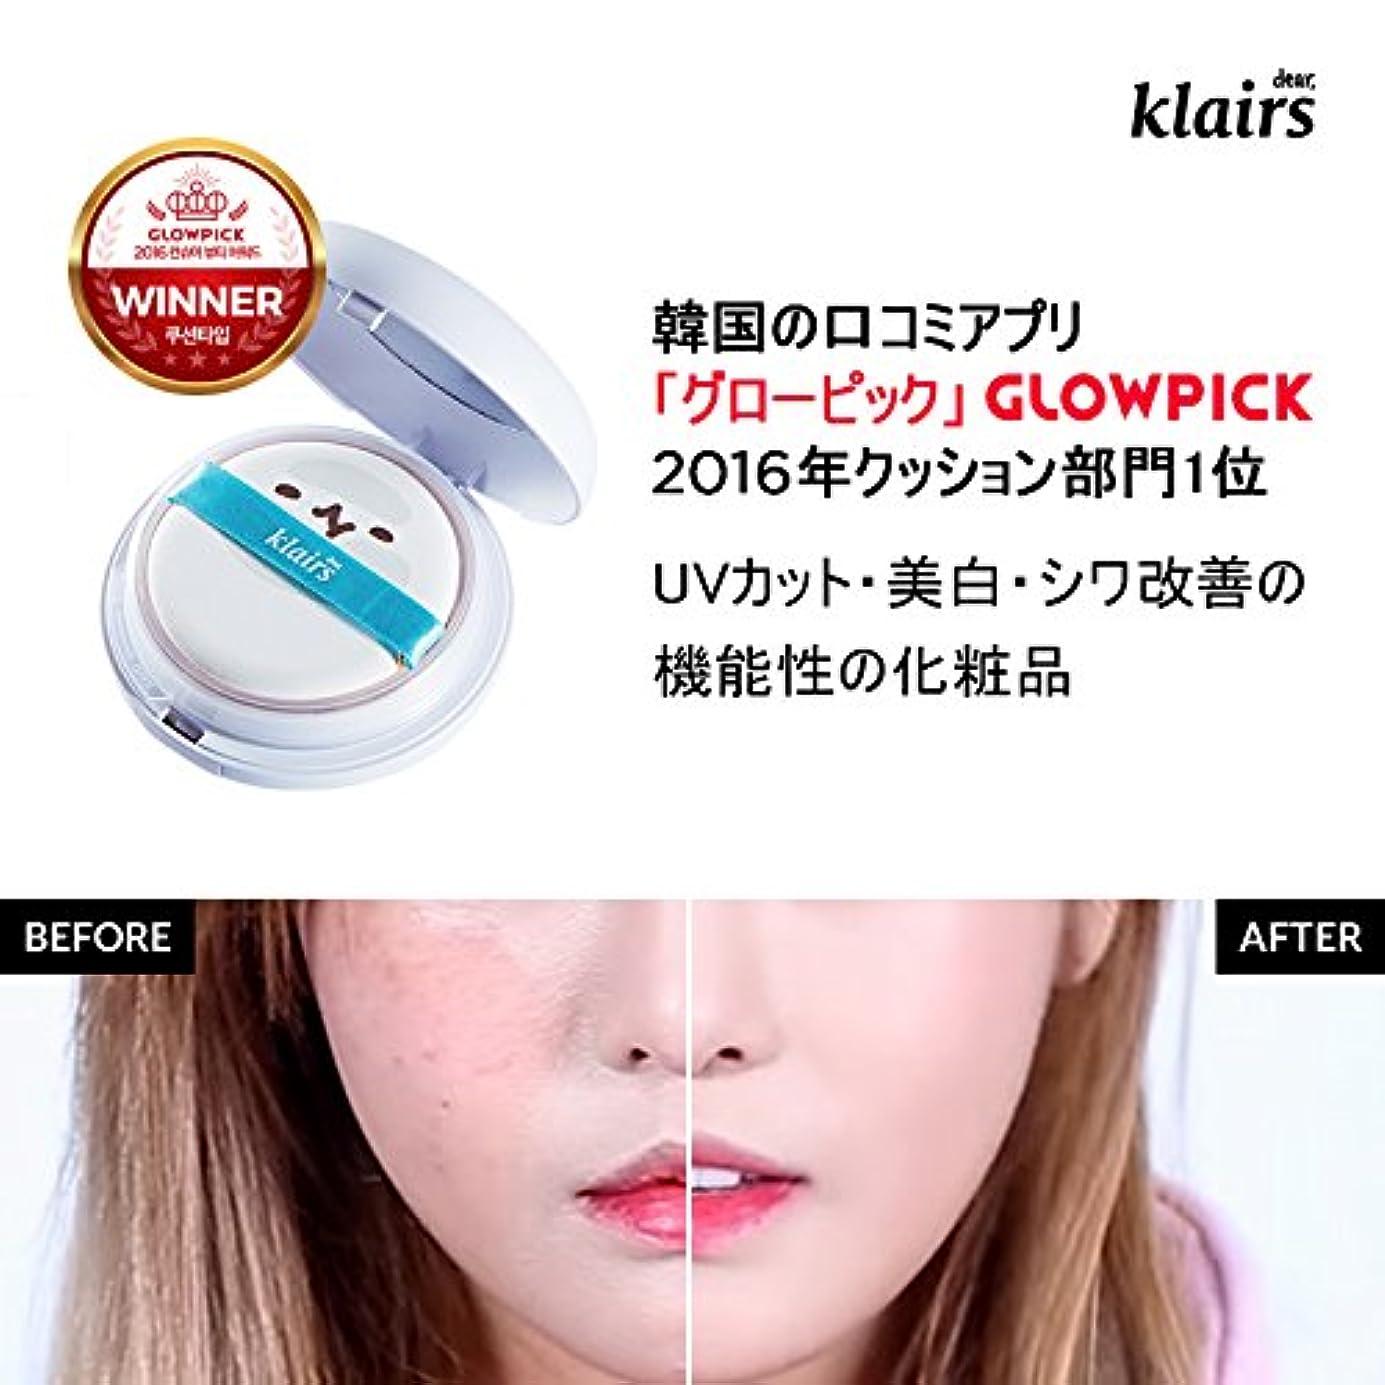 減るボイコット繁殖KLAIRS (クレアス) モチBBクッション, Mochi BB Cushion 15g [並行輸入品]